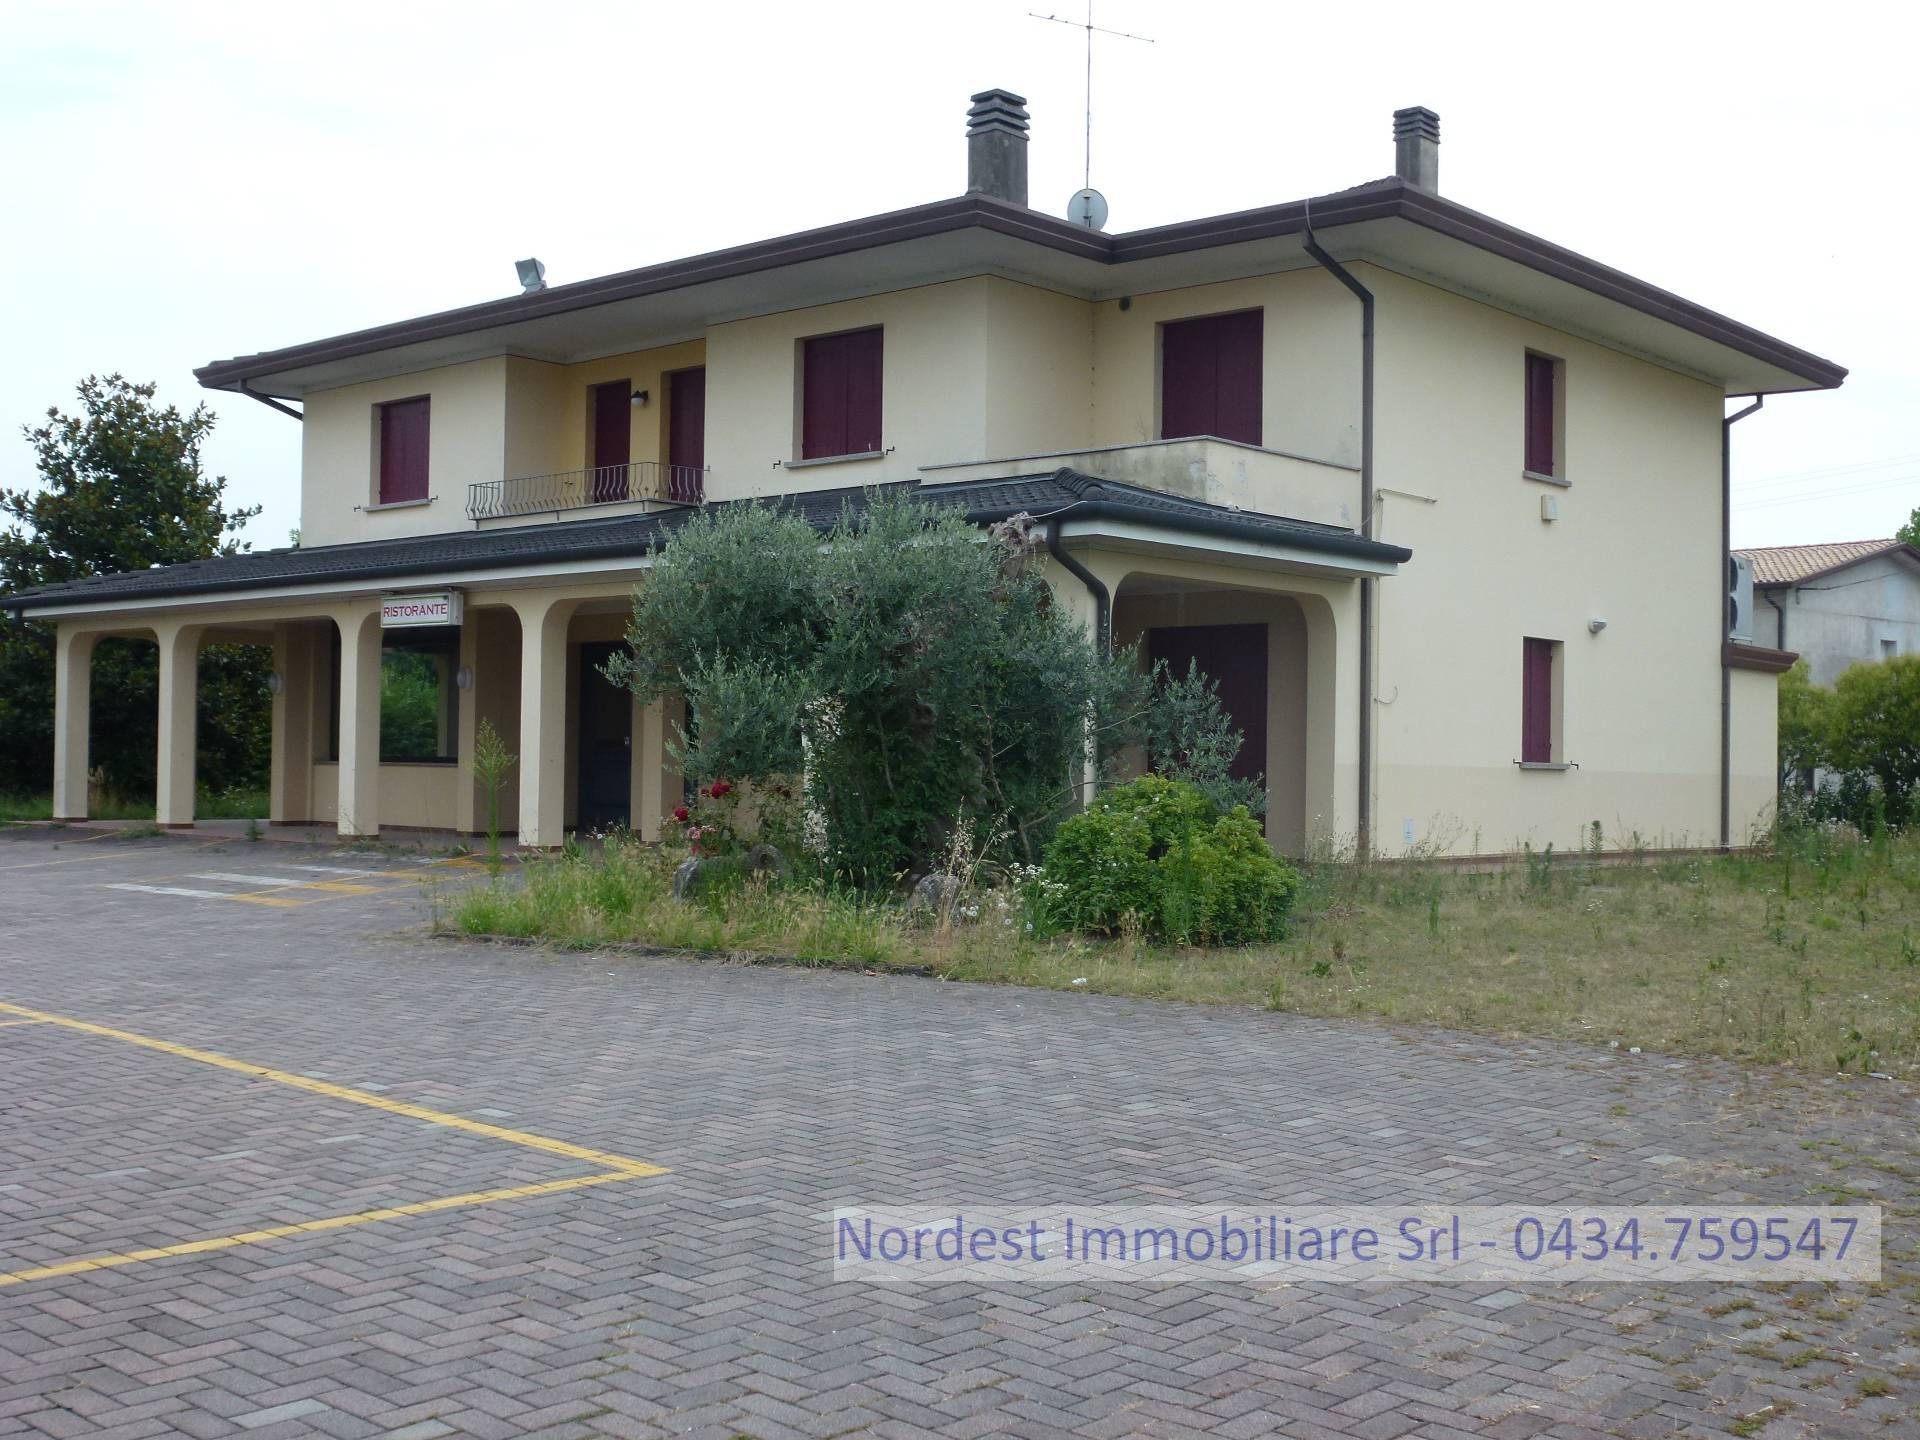 Negozio / Locale in vendita a Codognè, 9999 locali, Trattative riservate | CambioCasa.it